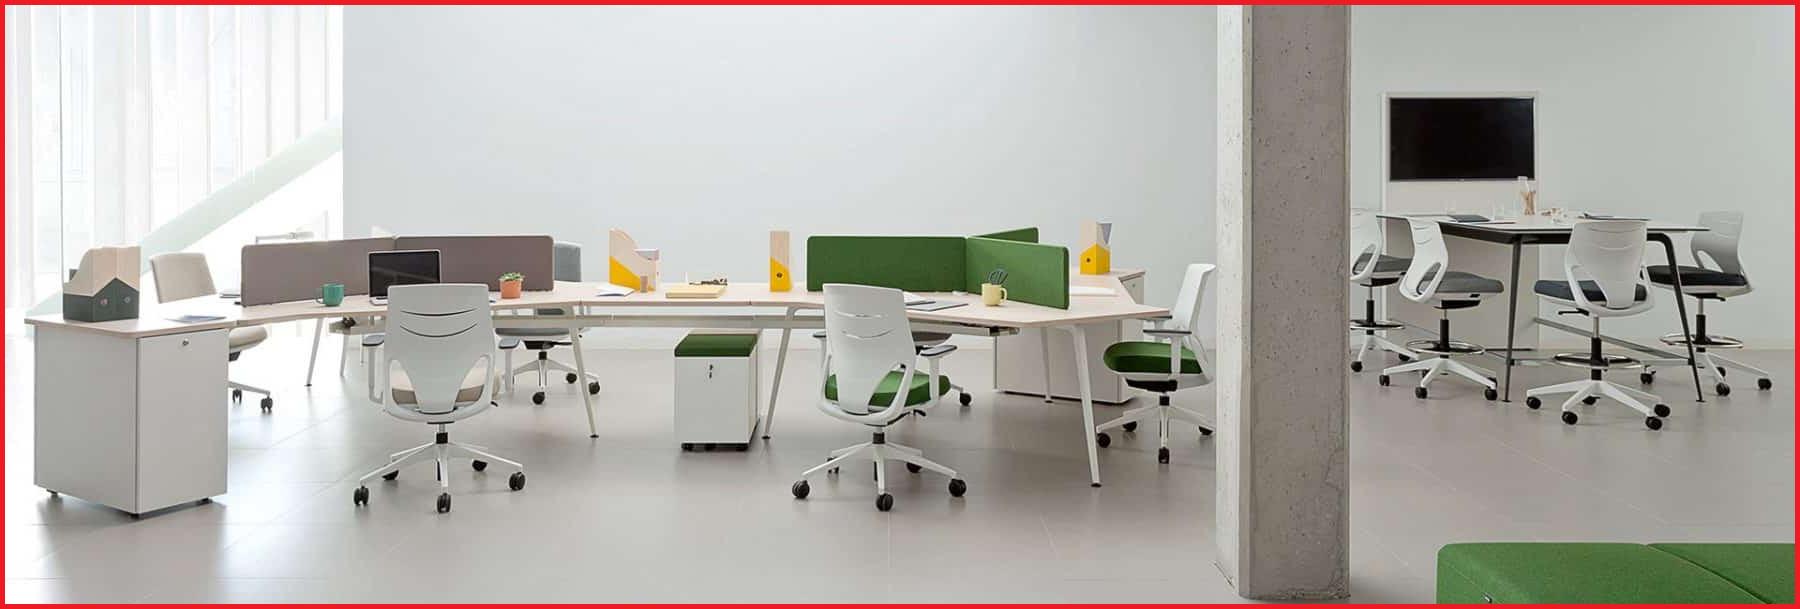 Mobiliario Oficina Ikea X8d1 Buono Muebles Oficina Ikea Ikea ...